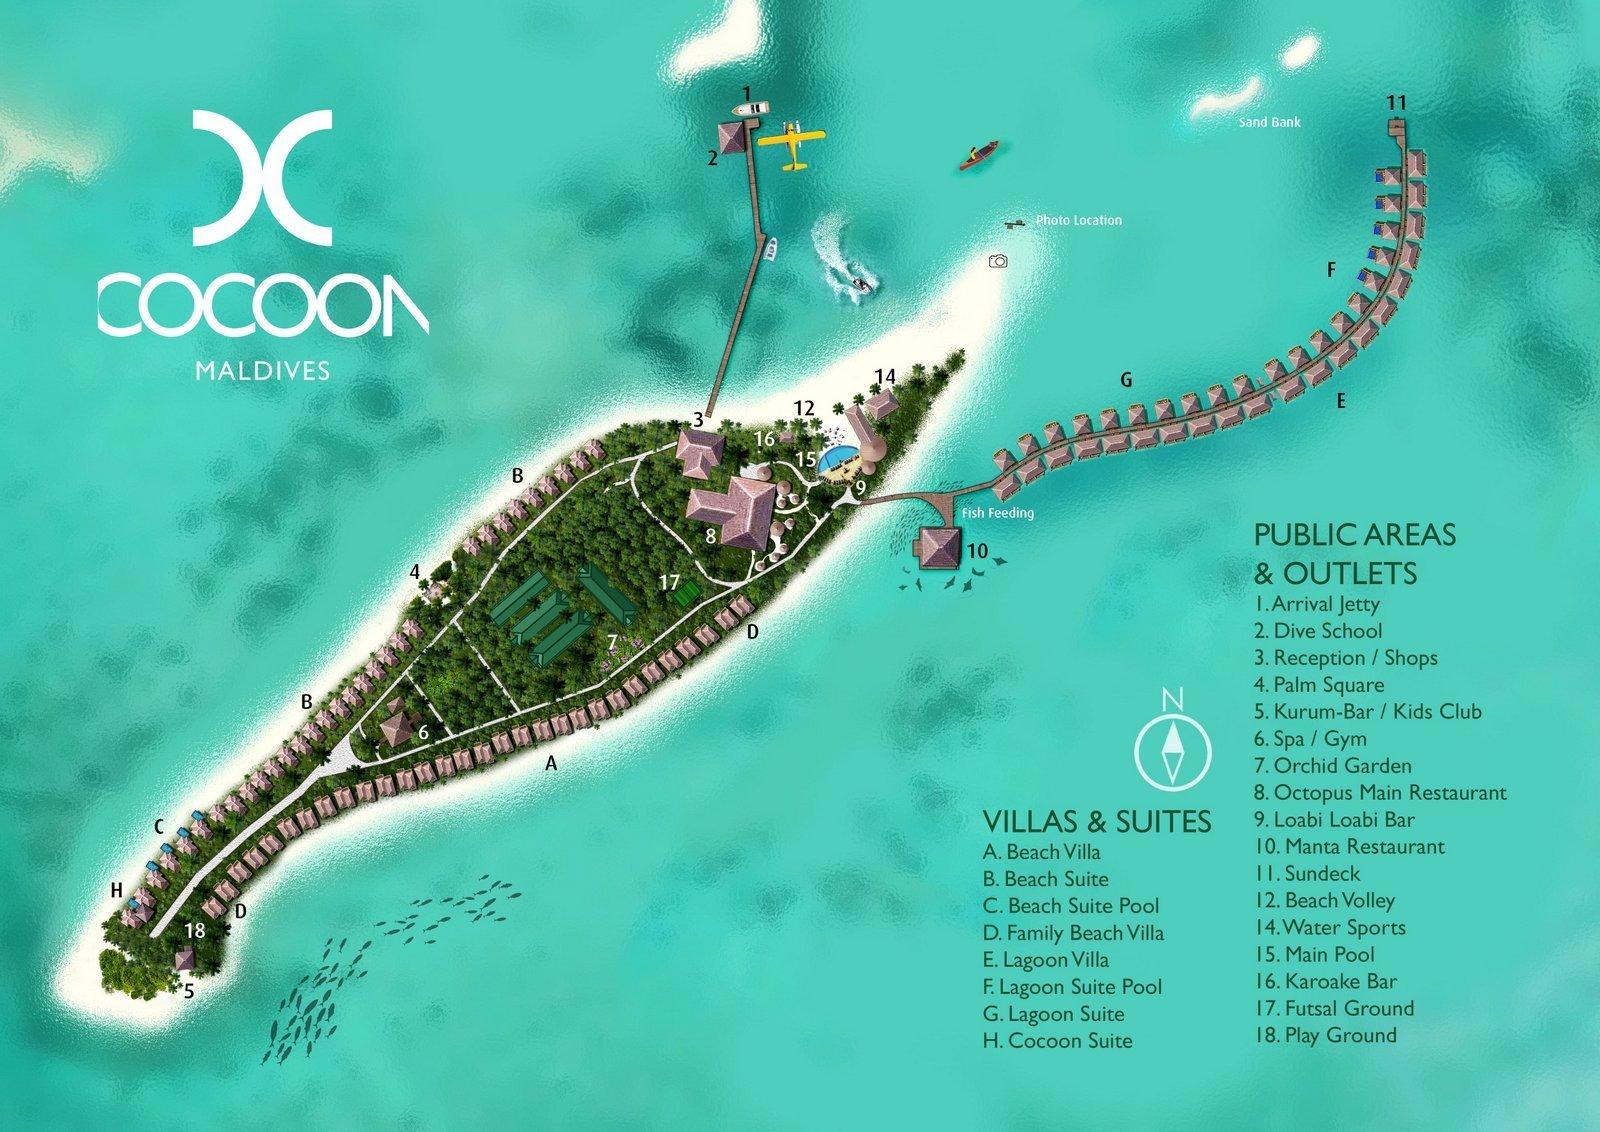 Мальдивы, Cocoon Maldives, карта отеля